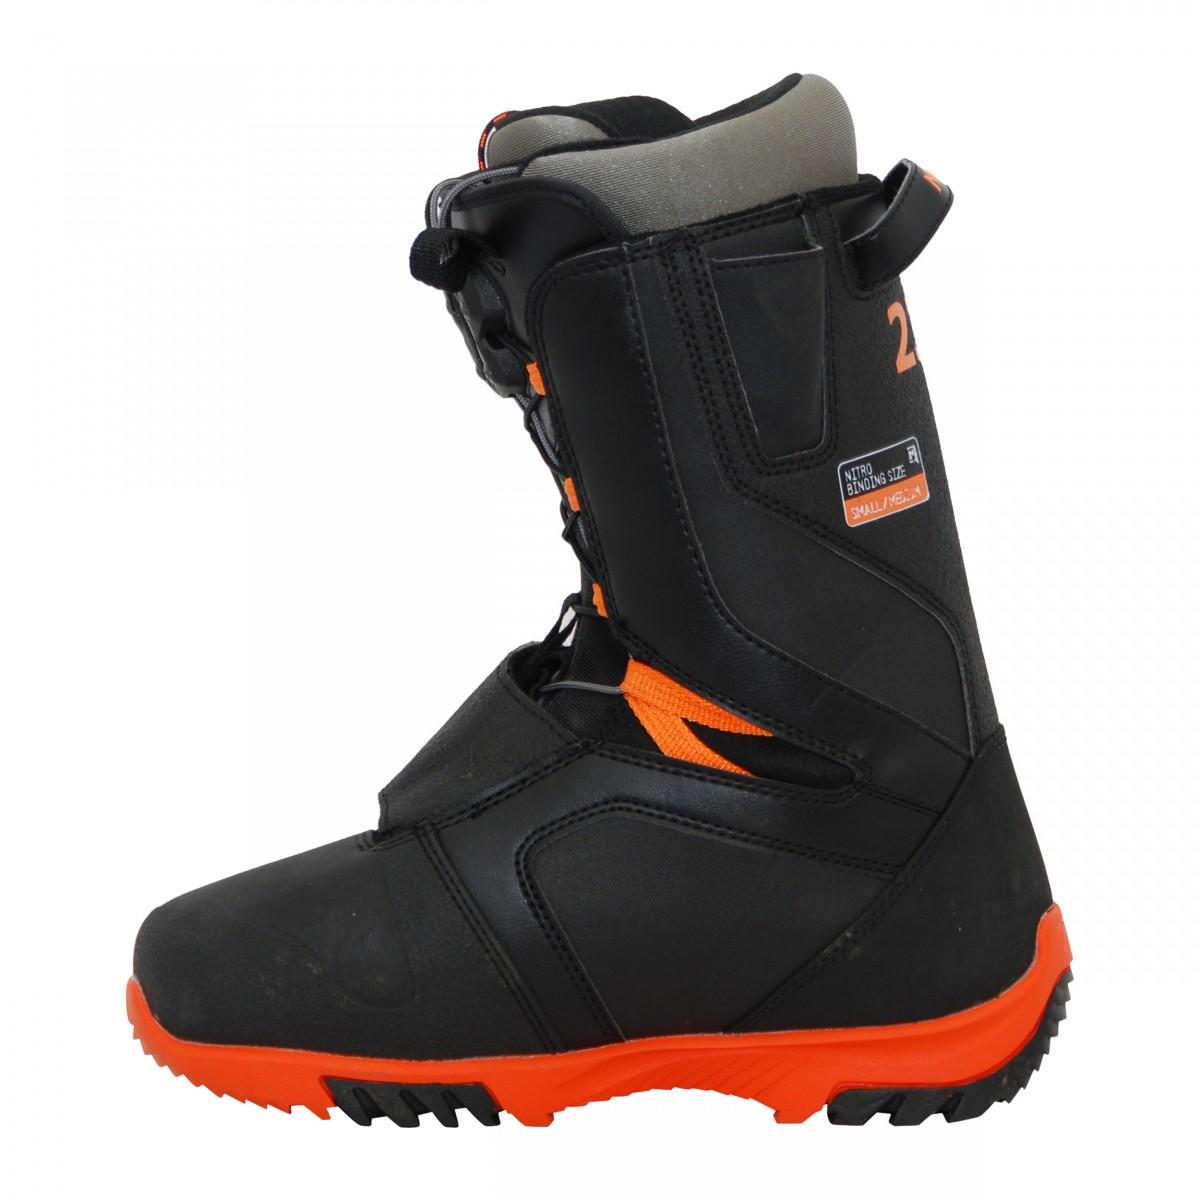 Boots-occasion-de-snowboard-occasion-Nitro-TlS miniature 4